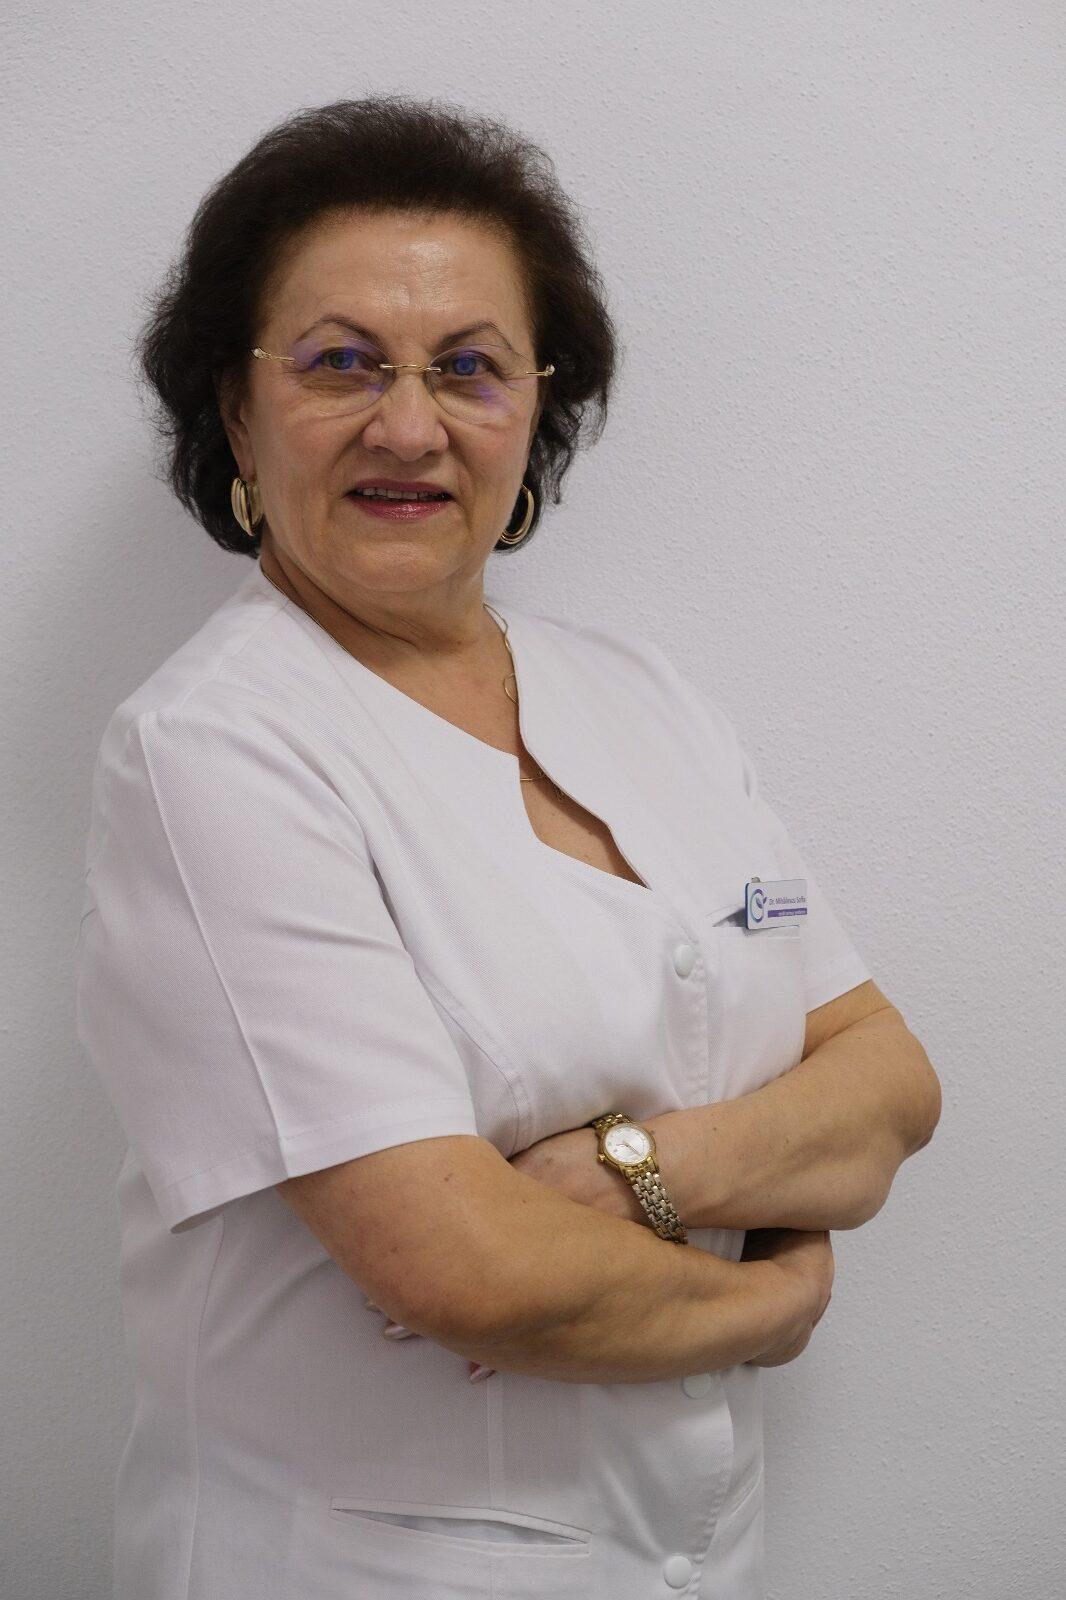 Dr. Mihailescu Sofia 02 rotated